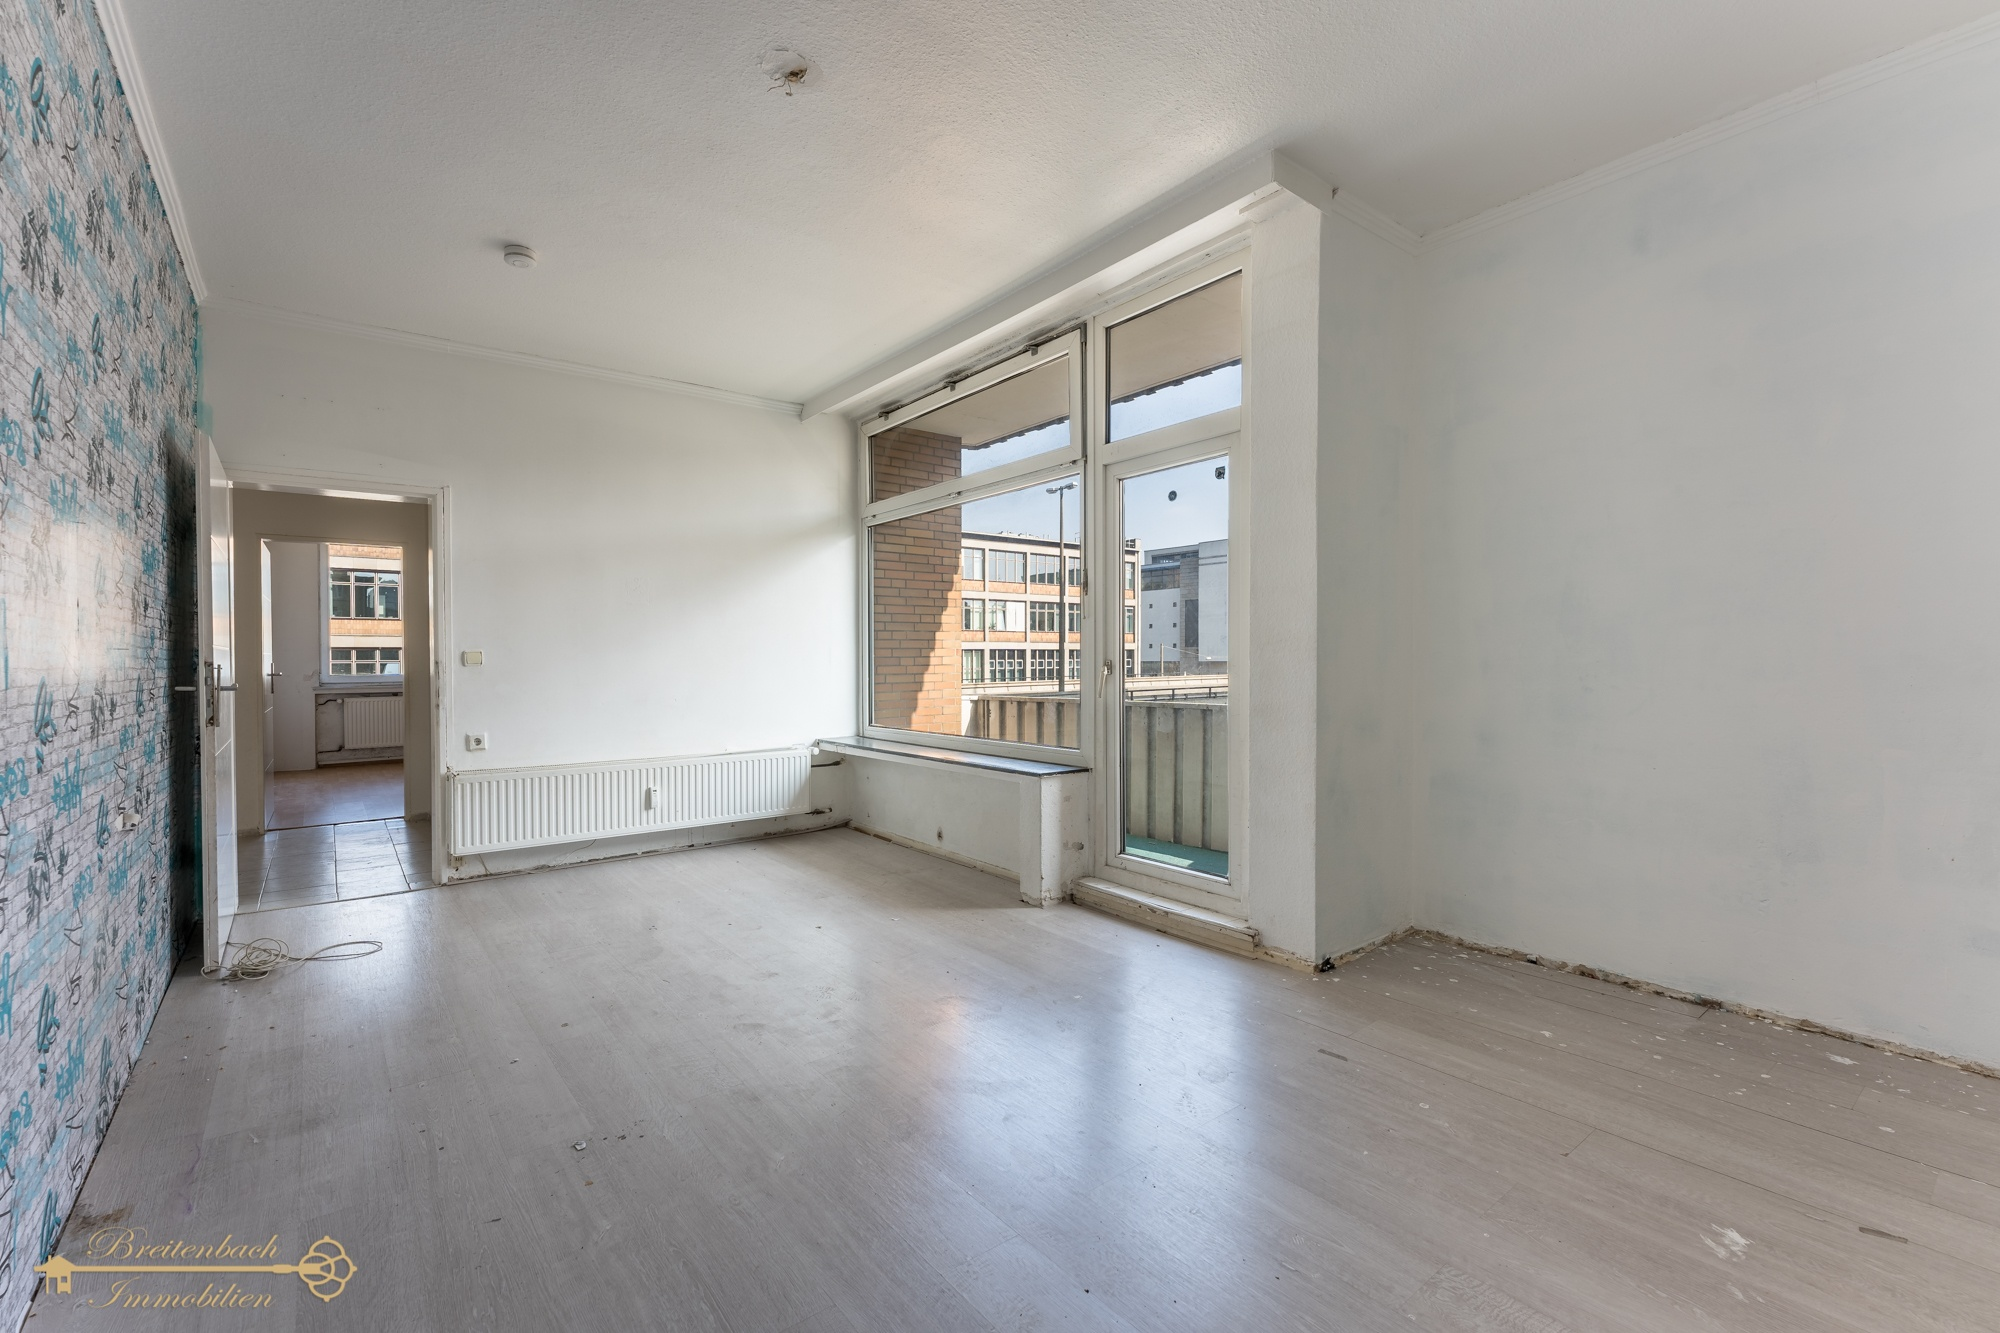 2021-03-25-Breitenbach-Immobilien-Makler-Bremen-8